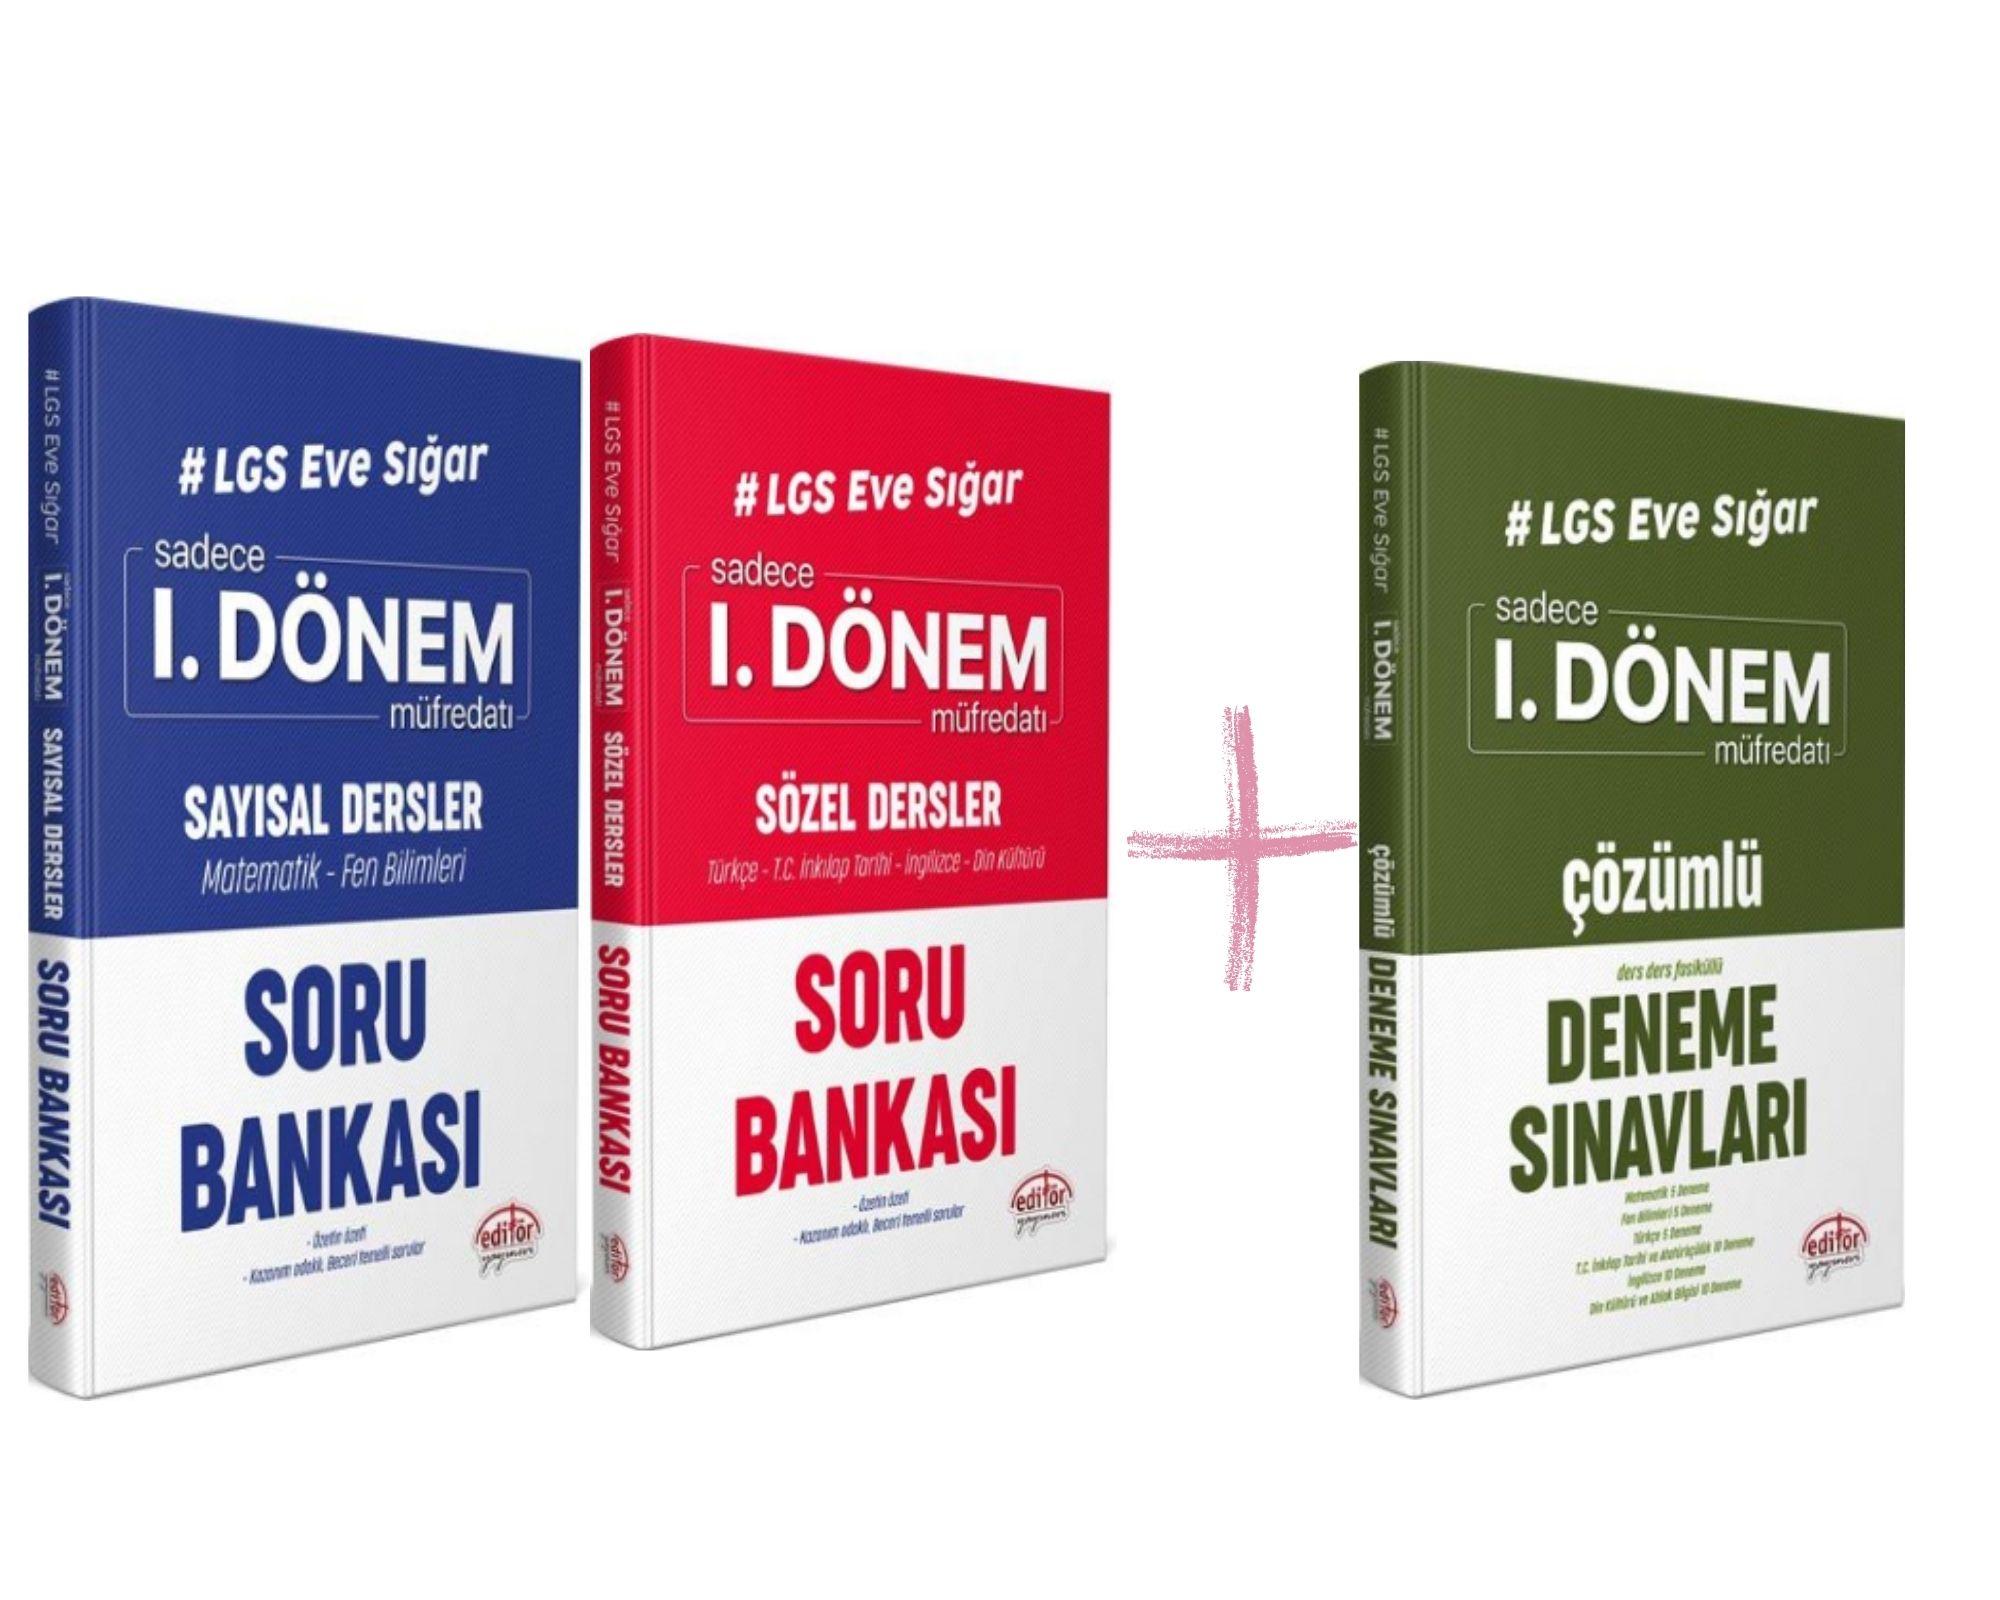 LGS Editör Yayınları 2 Adet 1.Dönem Soru Bankaları+1 Adet Deneme Seti